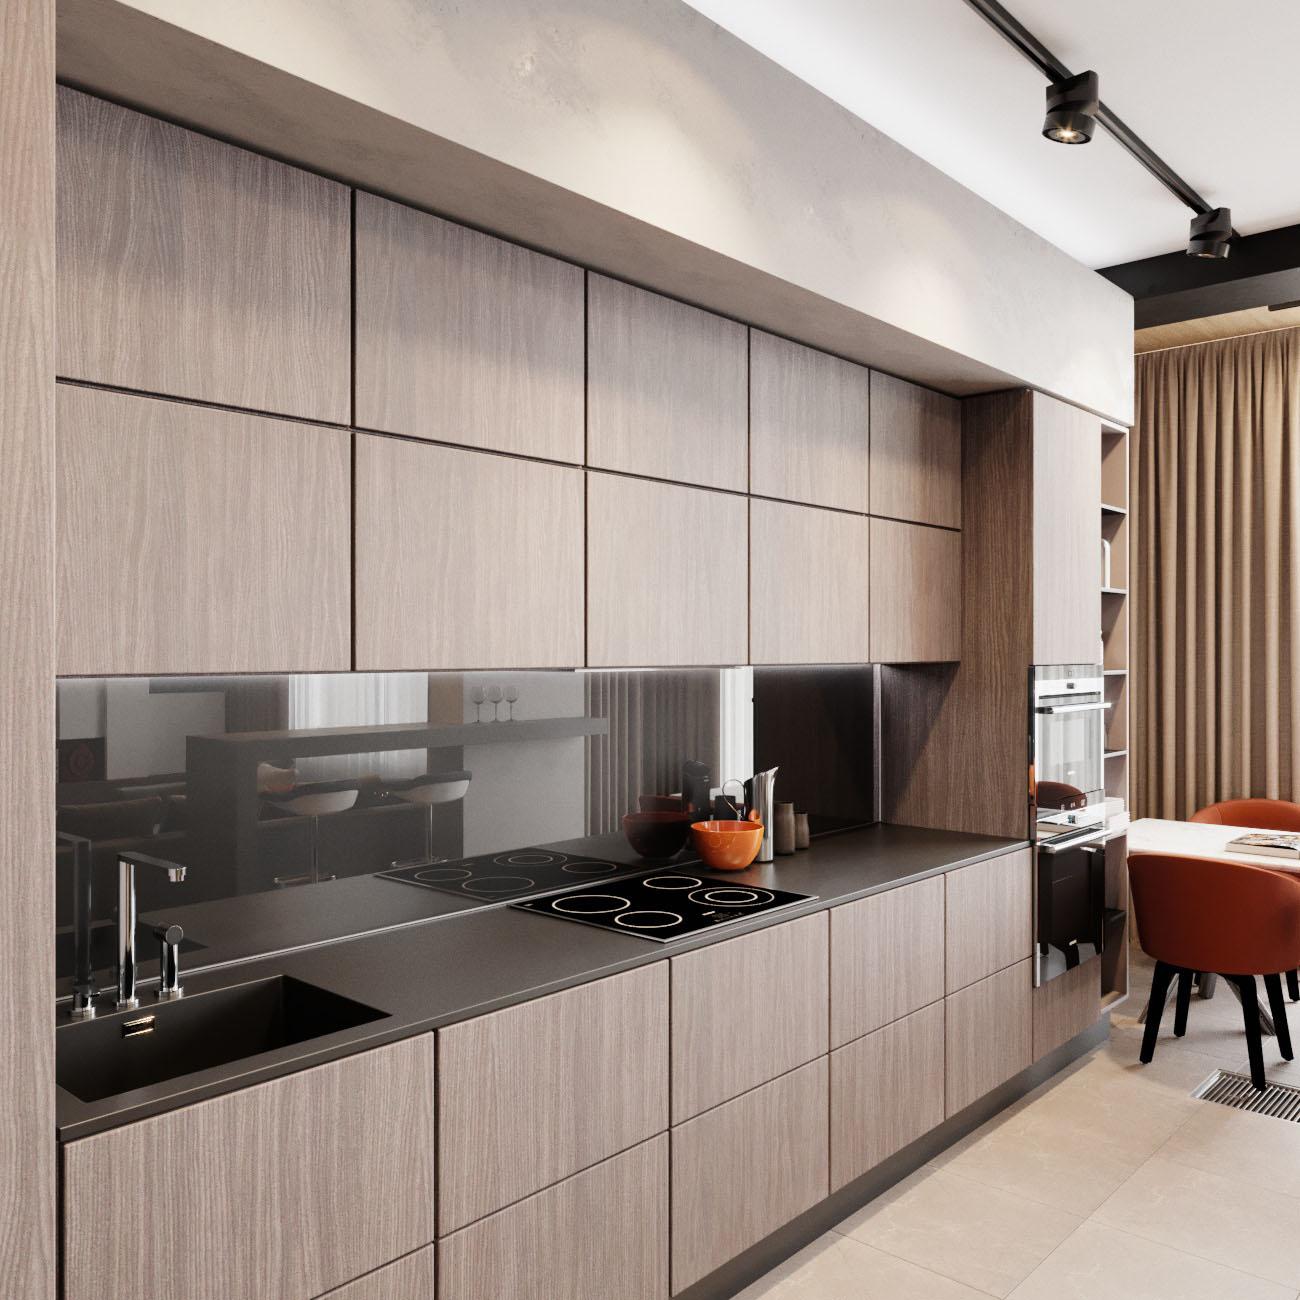 кухня с темным фартуком и столешницей